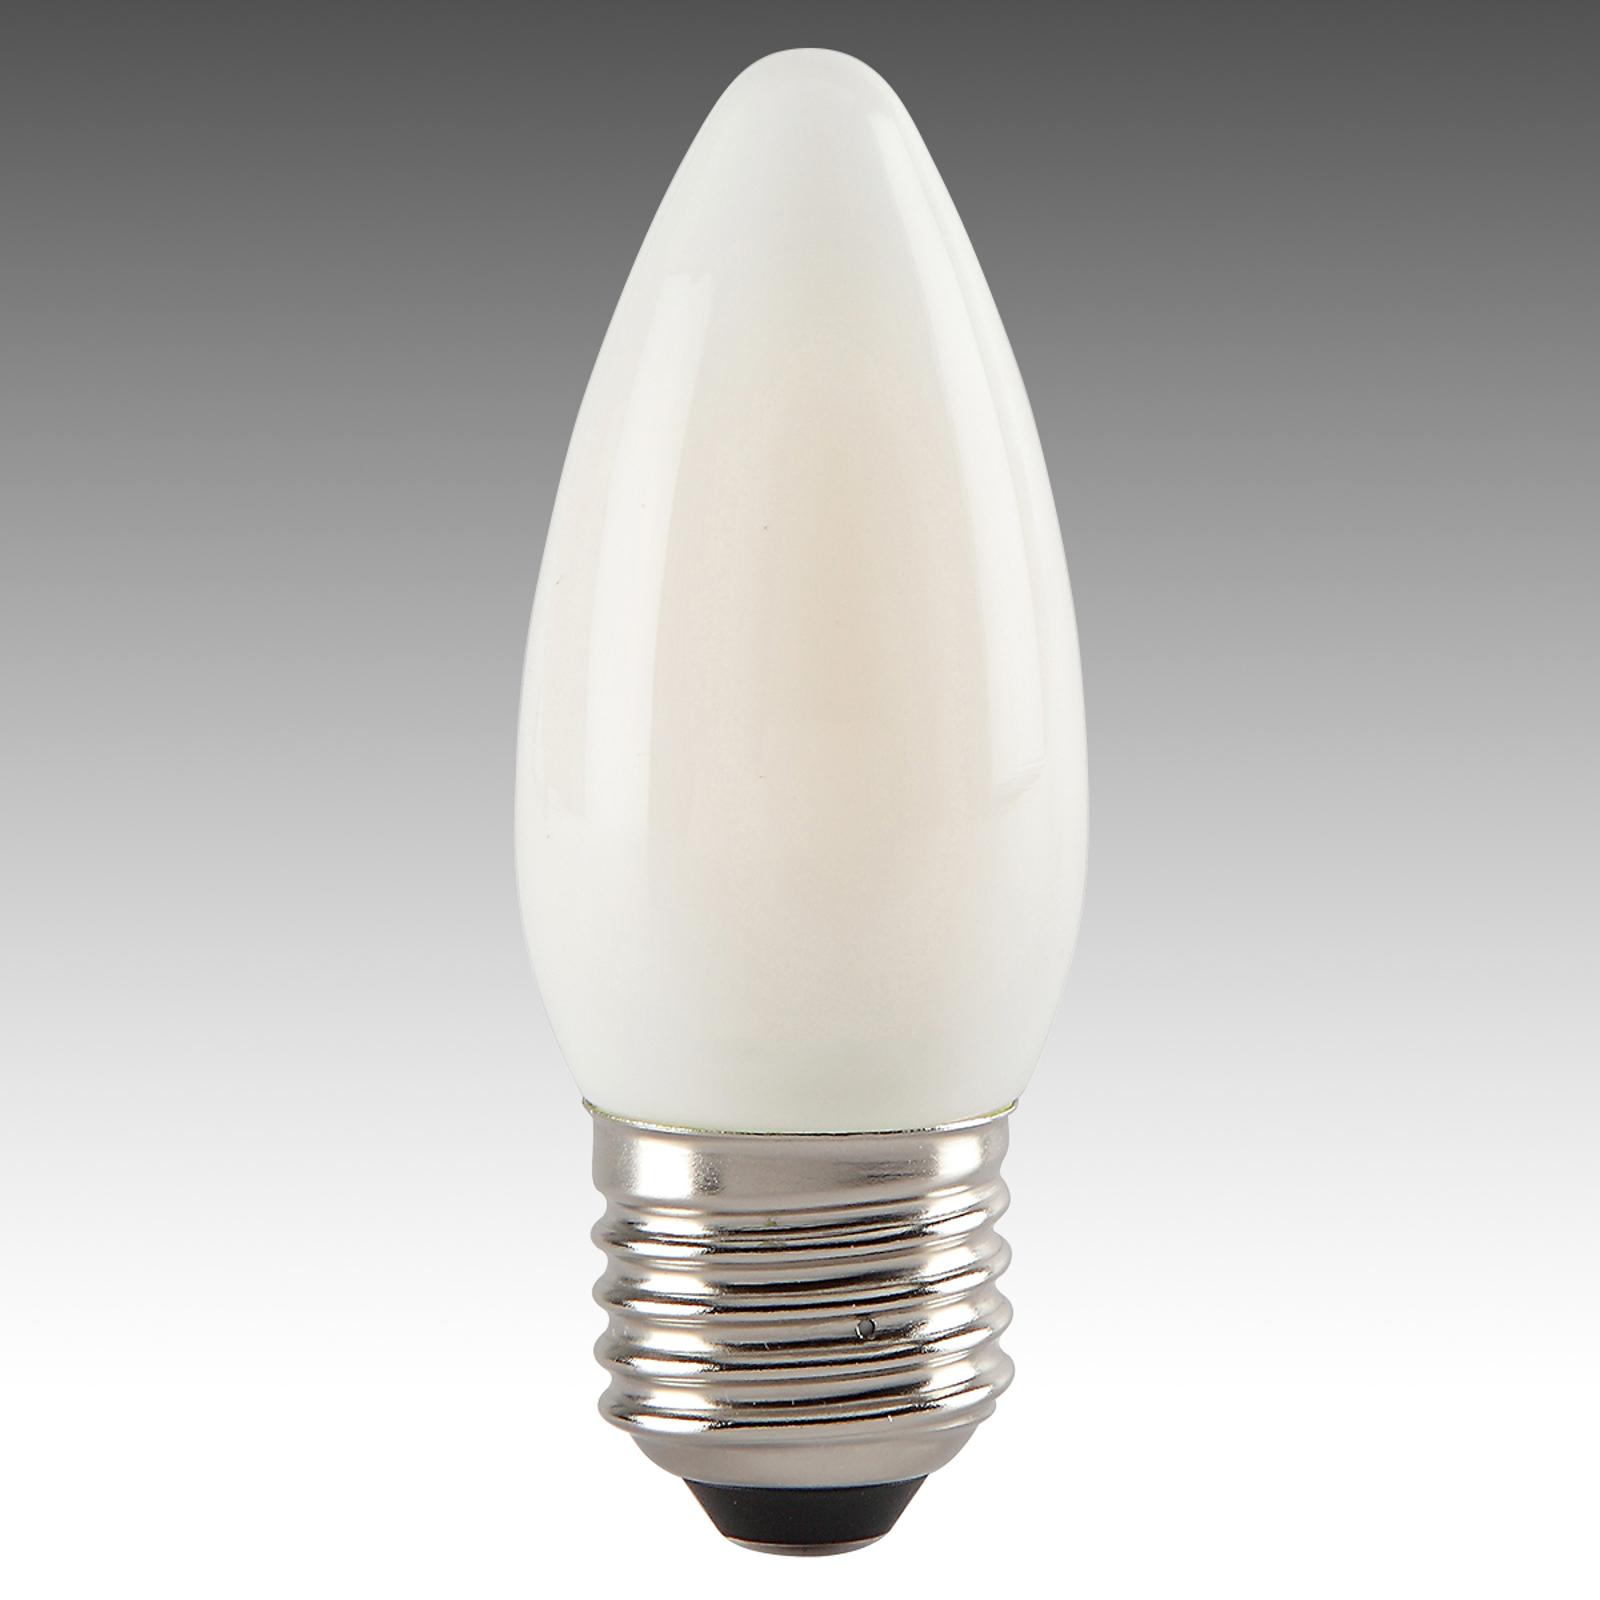 Lampadina LED a candela 827 E27 4W satinata